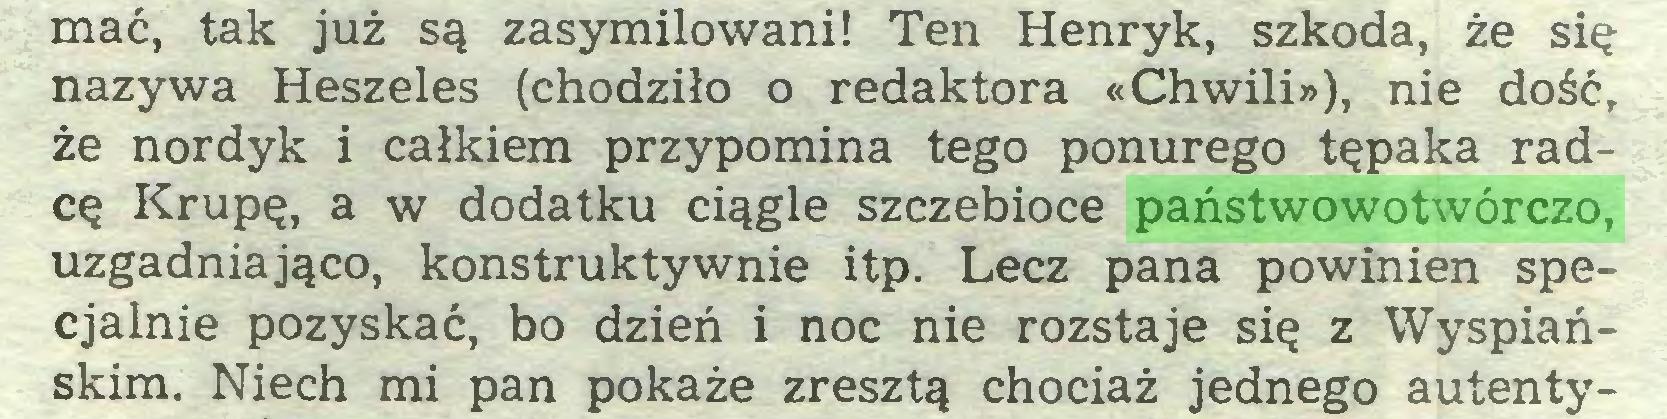 (...) mać, tak już są zasymilowani! Ten Henryk, szkoda, że się nazywa Heszeles (chodziło o redaktora «Chwili»), nie dość, że nordyk i całkiem przypomina tego ponurego tępaka radcę Krupę, a w dodatku ciągle szczebioce państwowotwórczo, uzgadniająco, konstruktywnie itp. Lecz pana powinien specjalnie pozyskać, bo dzień i noc nie rozstaje się z Wyspiańskim. Niech mi pan pokaże zresztą chociaż jednego autenty...